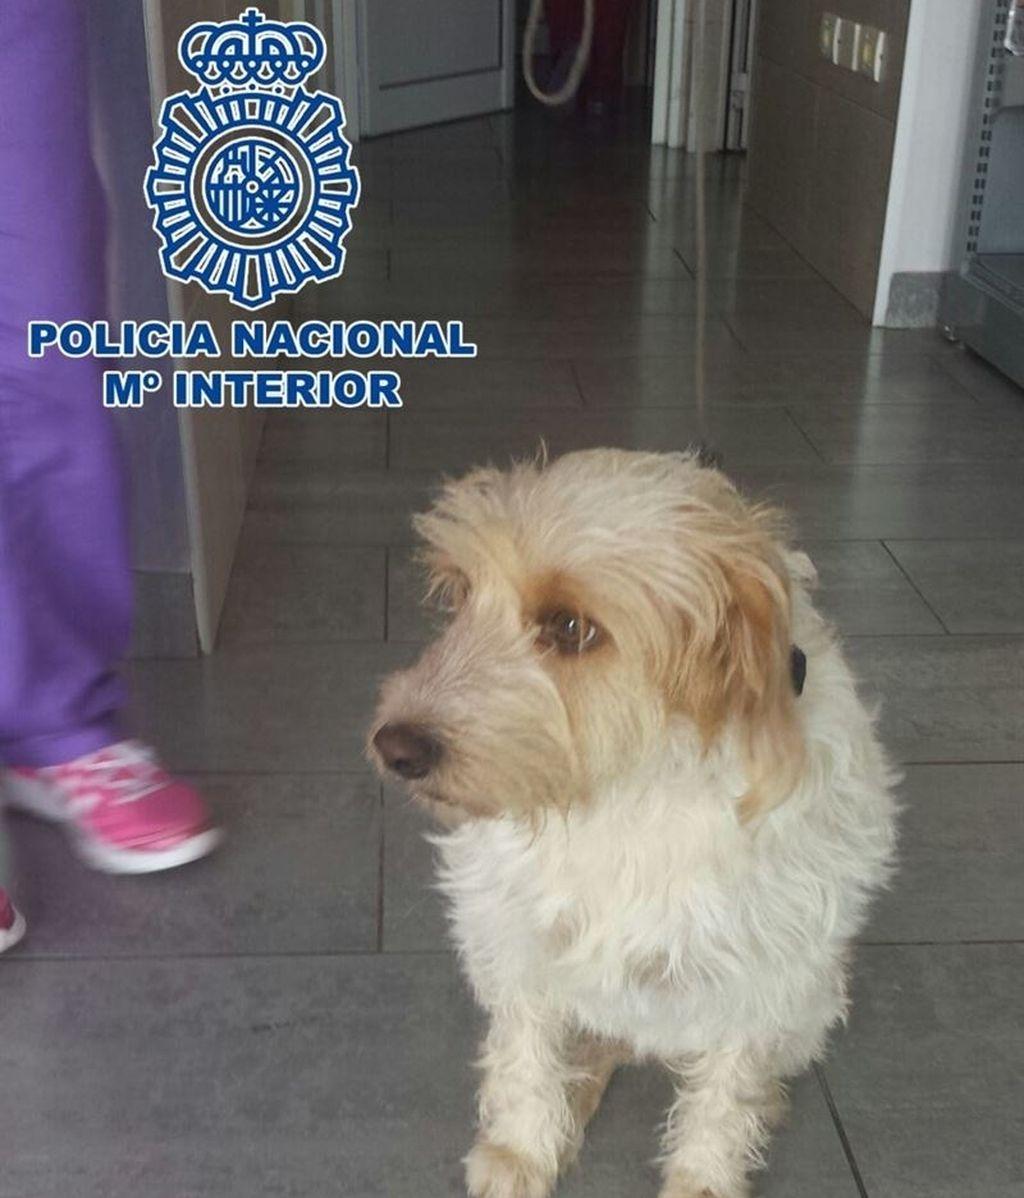 Detenido un hombre por golpear, dar patadas y morder a un perro pequeño en Gran Canaria